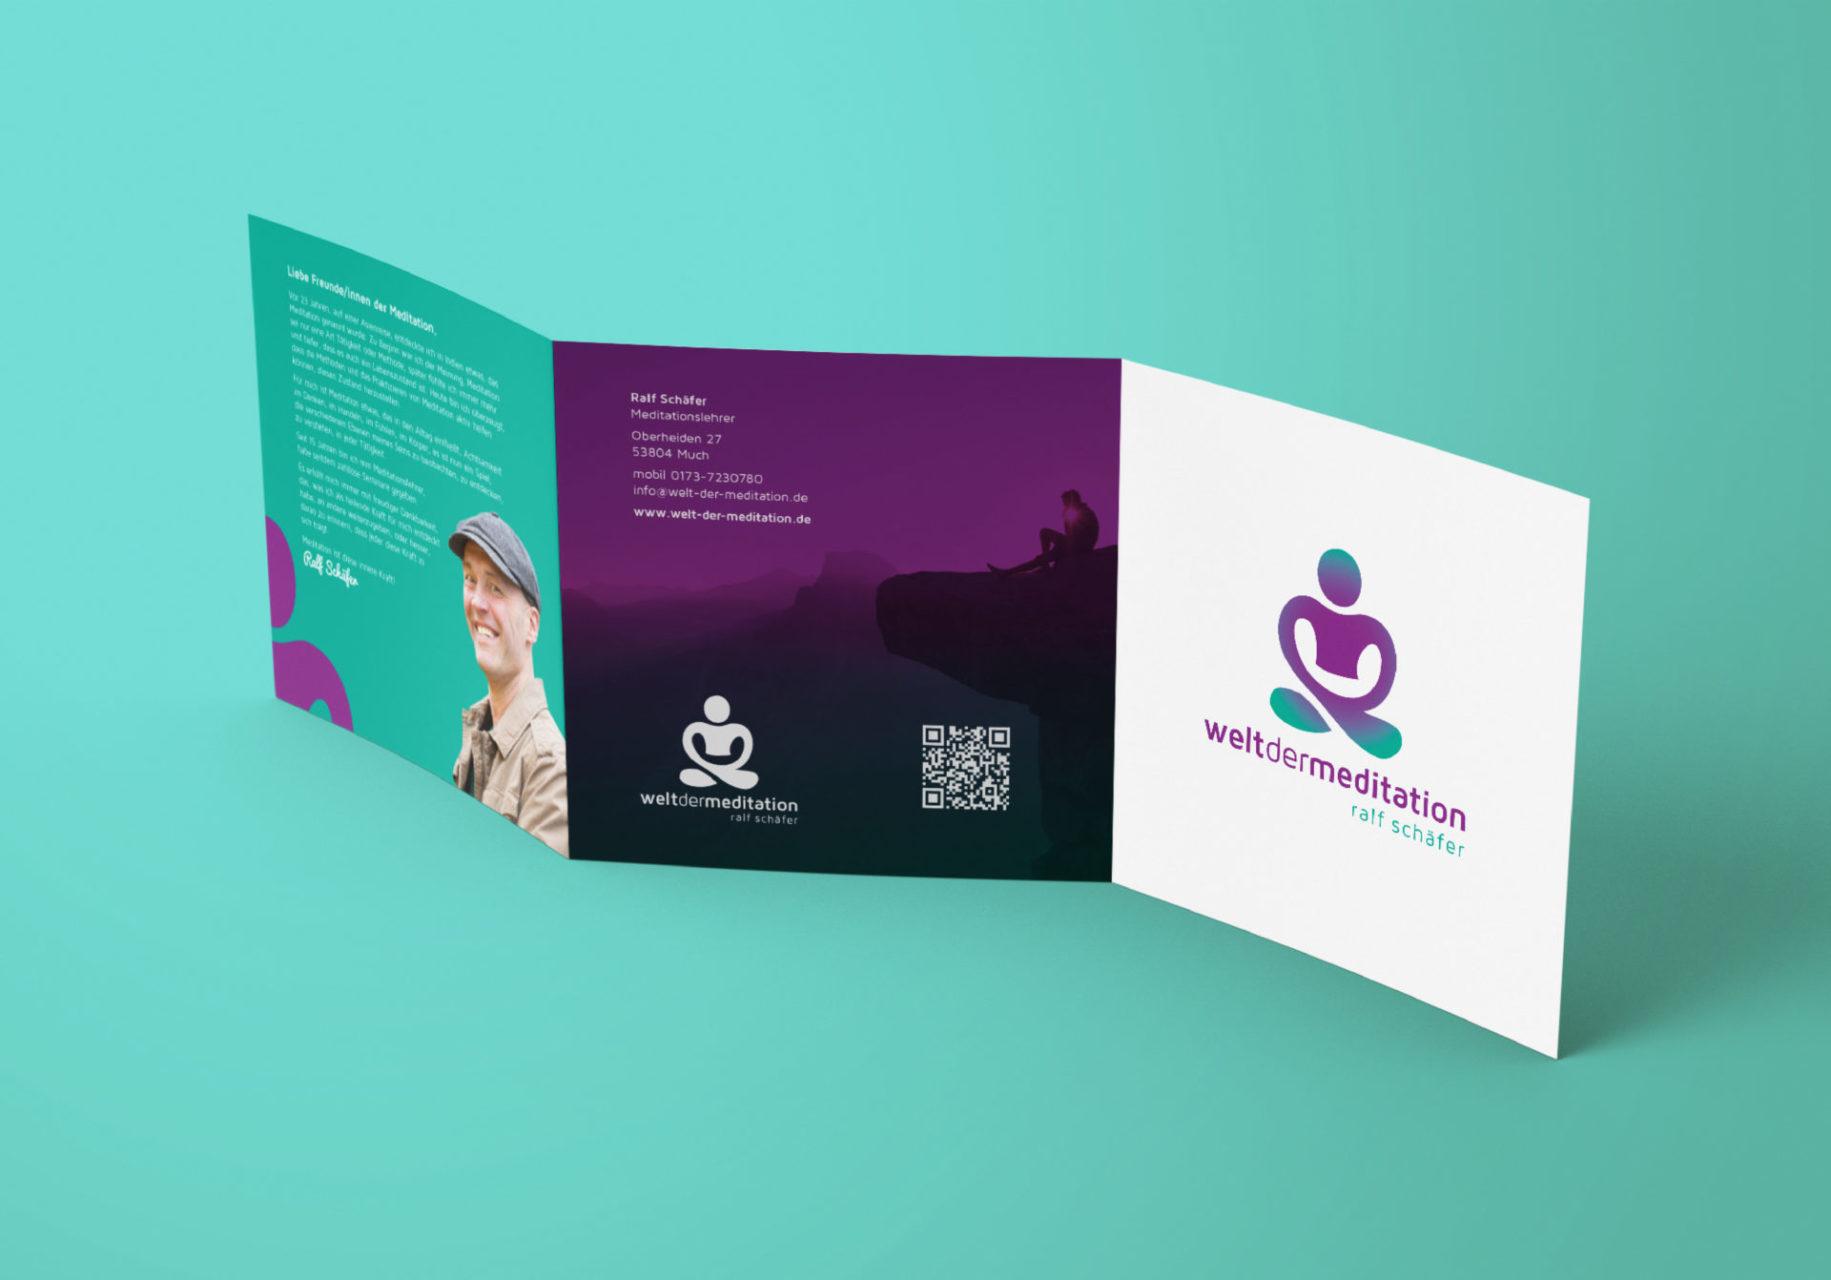 Welt Der Meditation Referenz 2 Print Druck Flyer